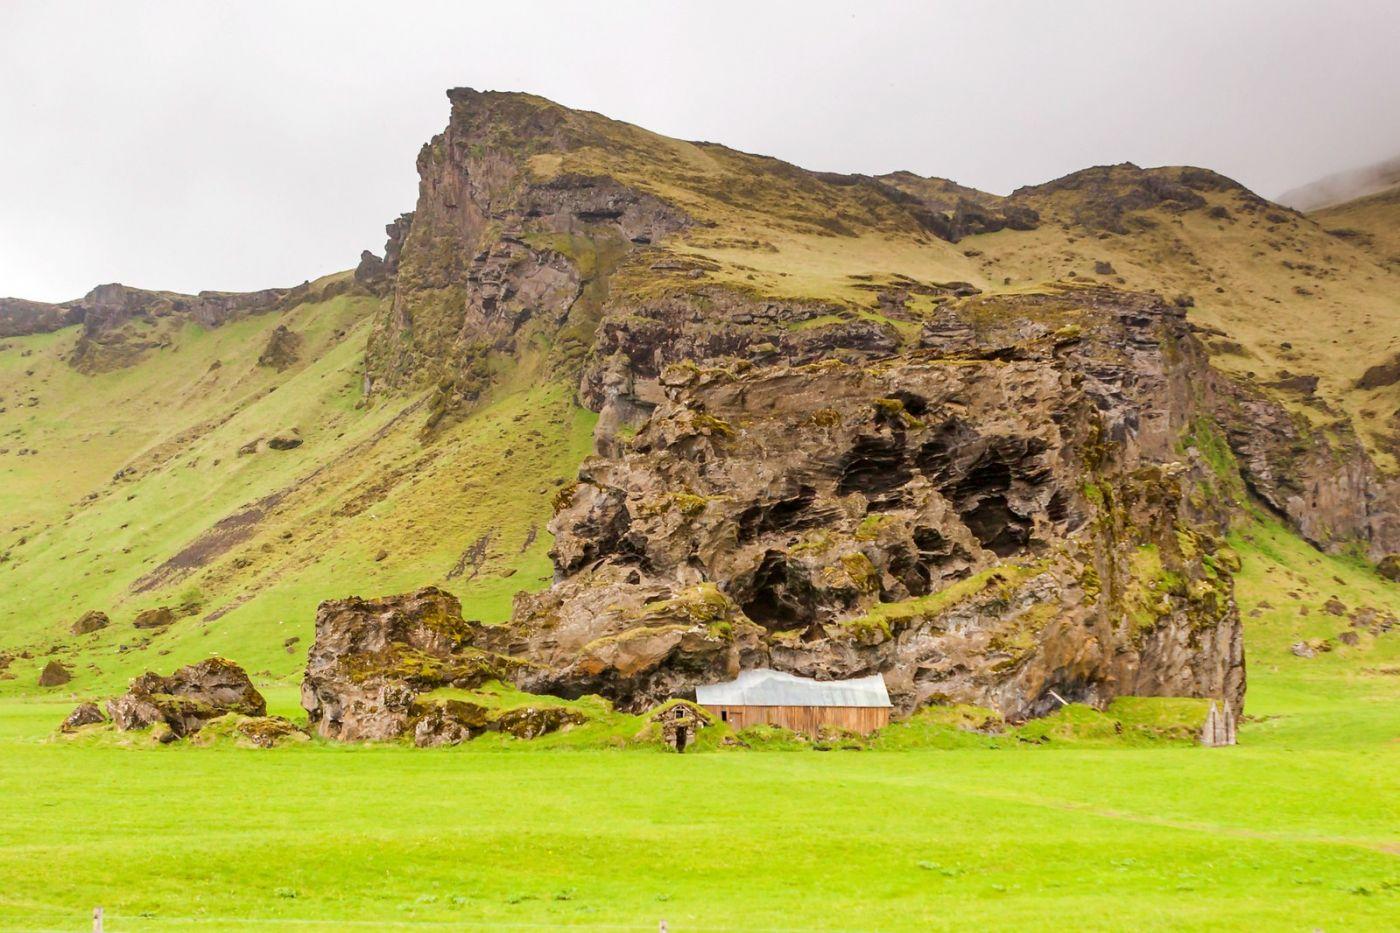 冰岛风采,奇山怪石_图1-3